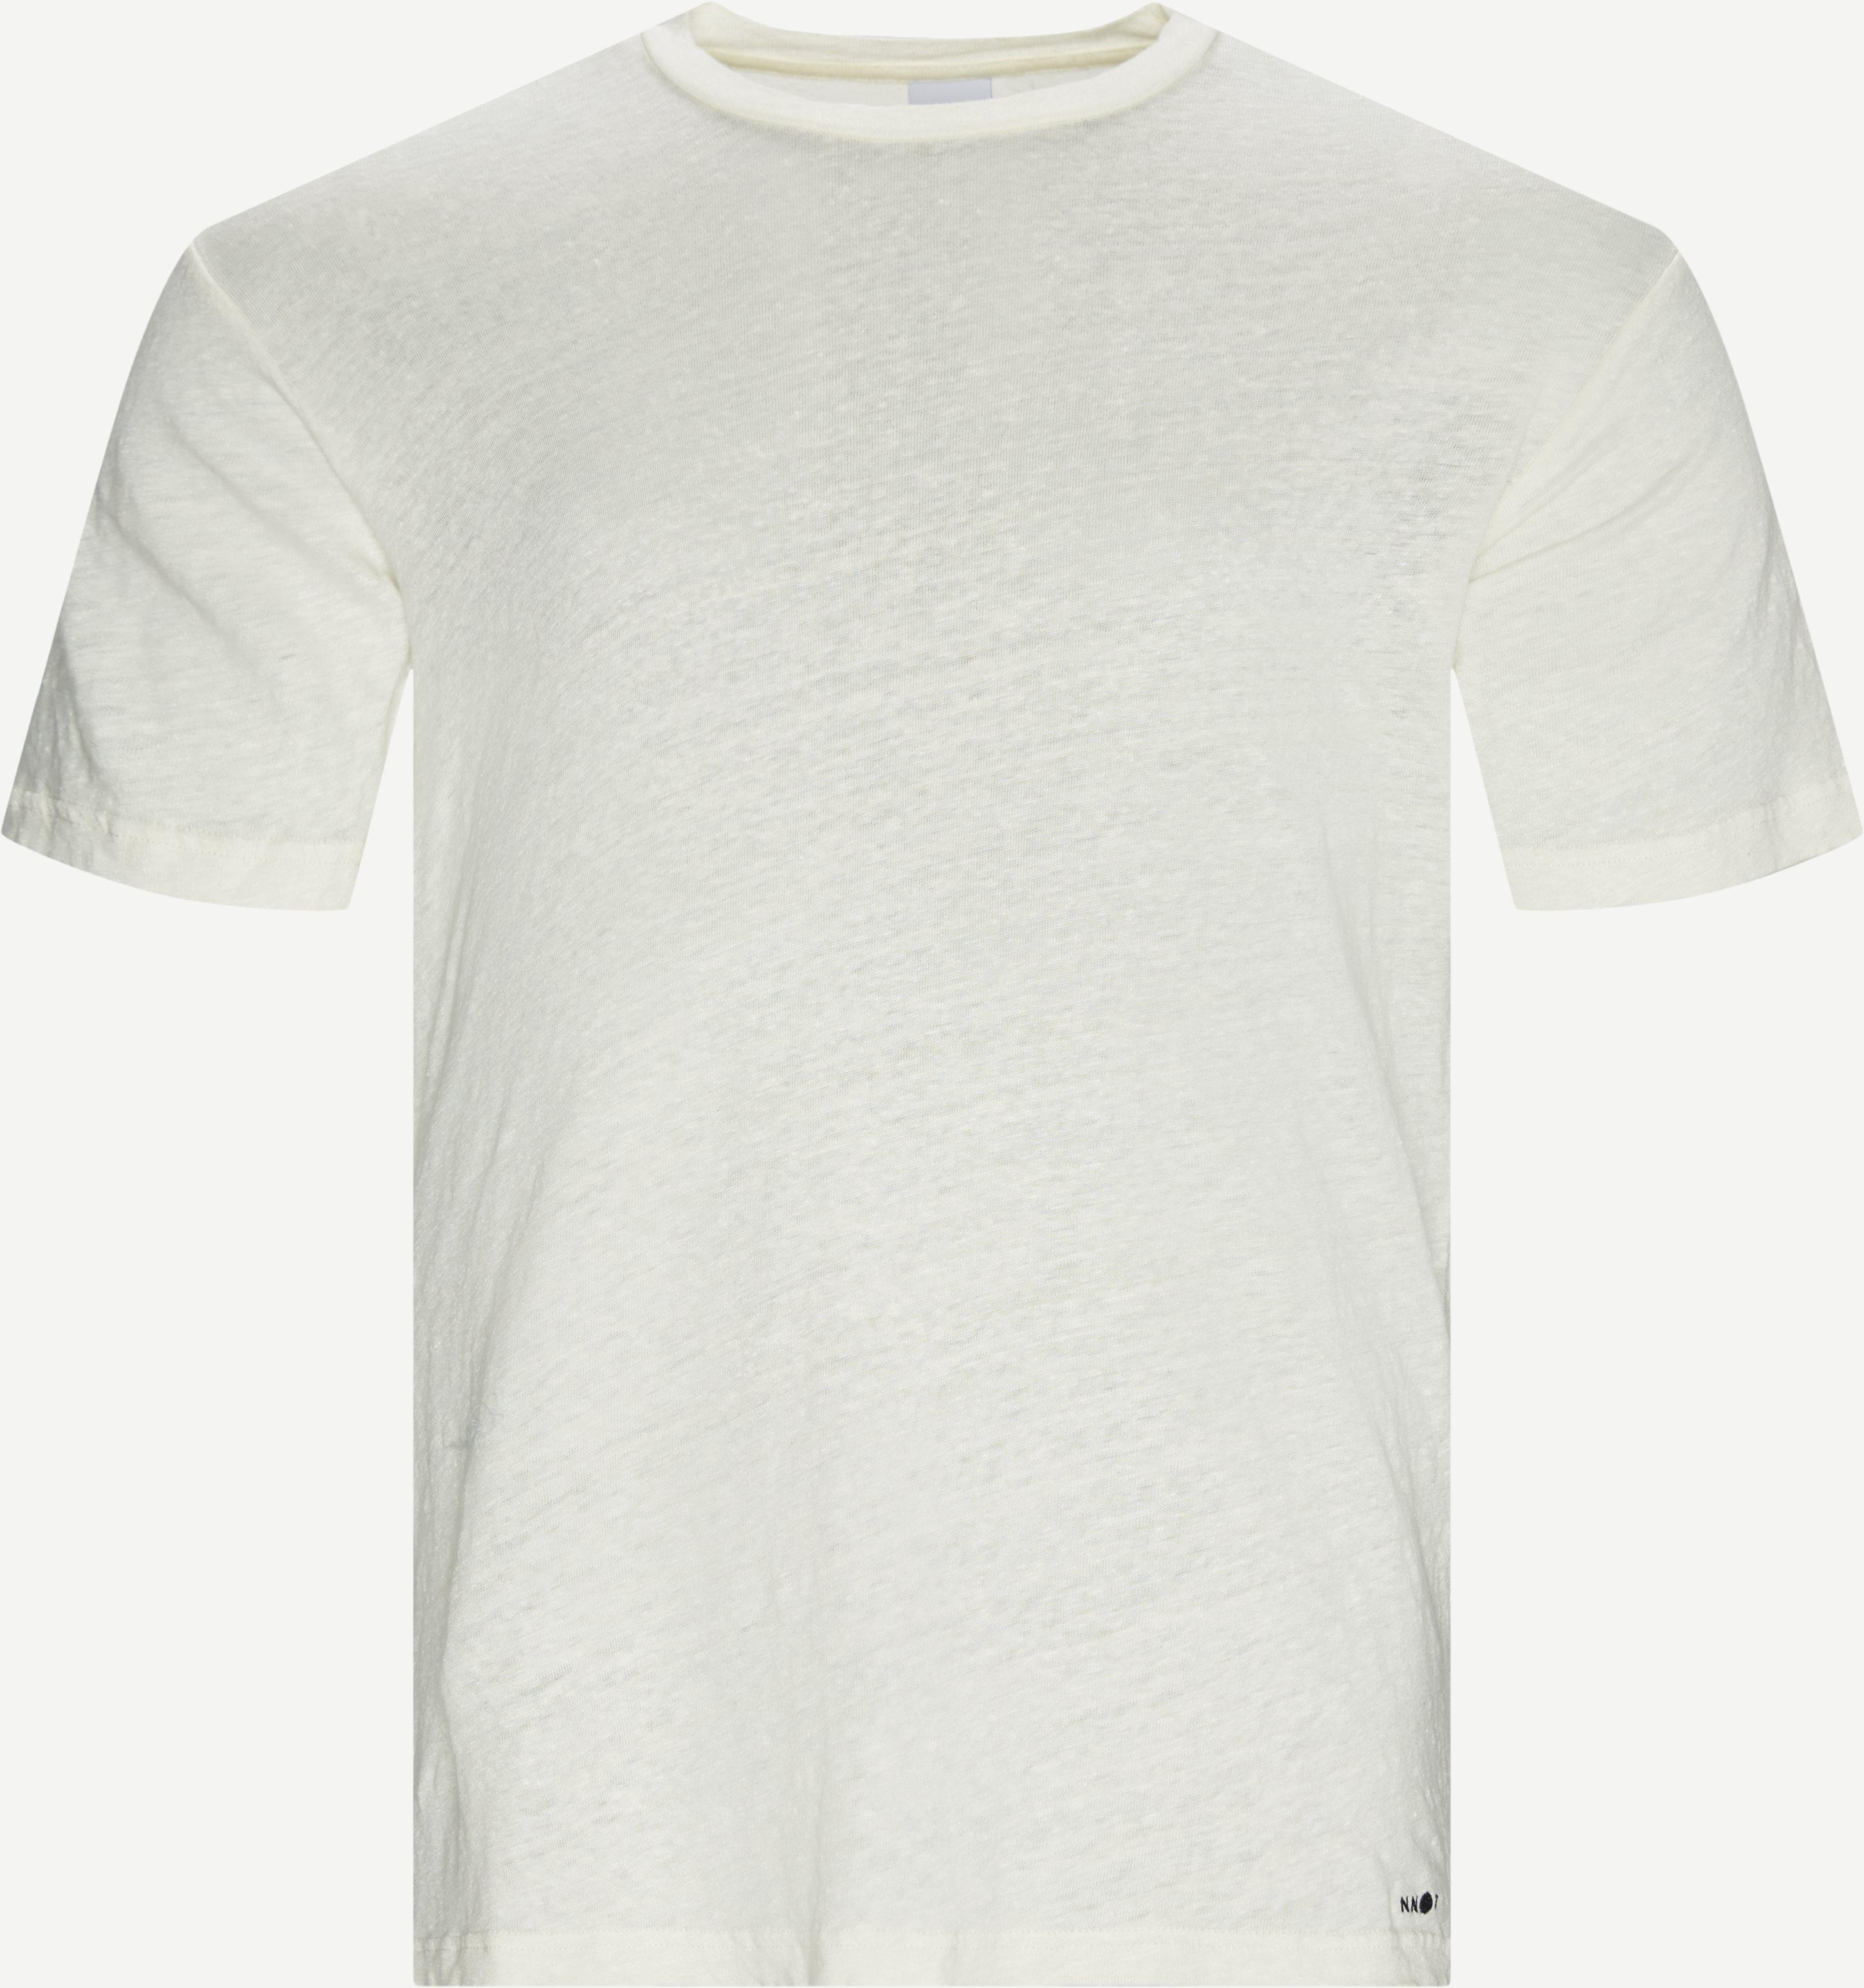 Dylan Tee - T-shirts - Regular fit - Hvid